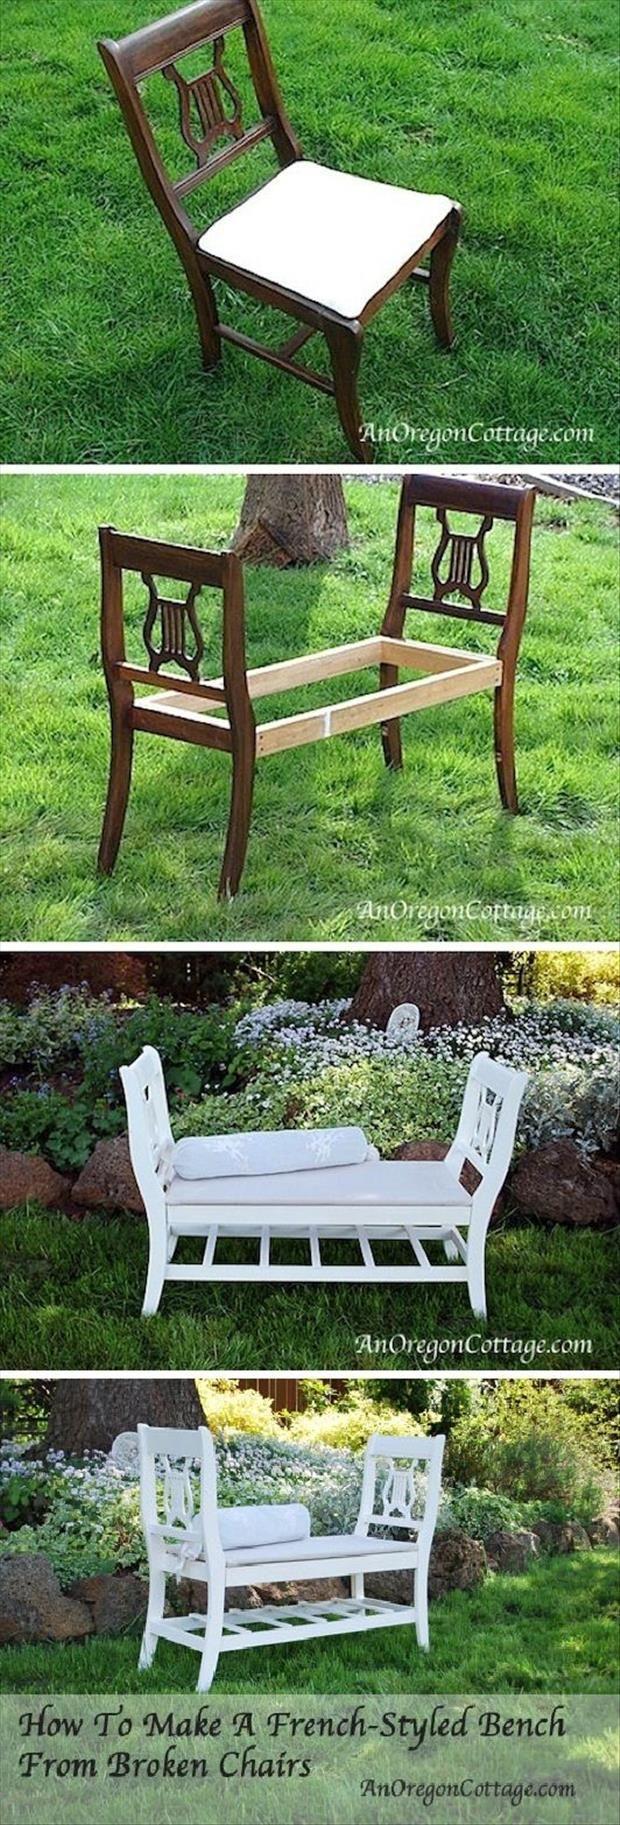 Fantastico!!! Se recupero due vecchie sedie giuro che lo copio!!